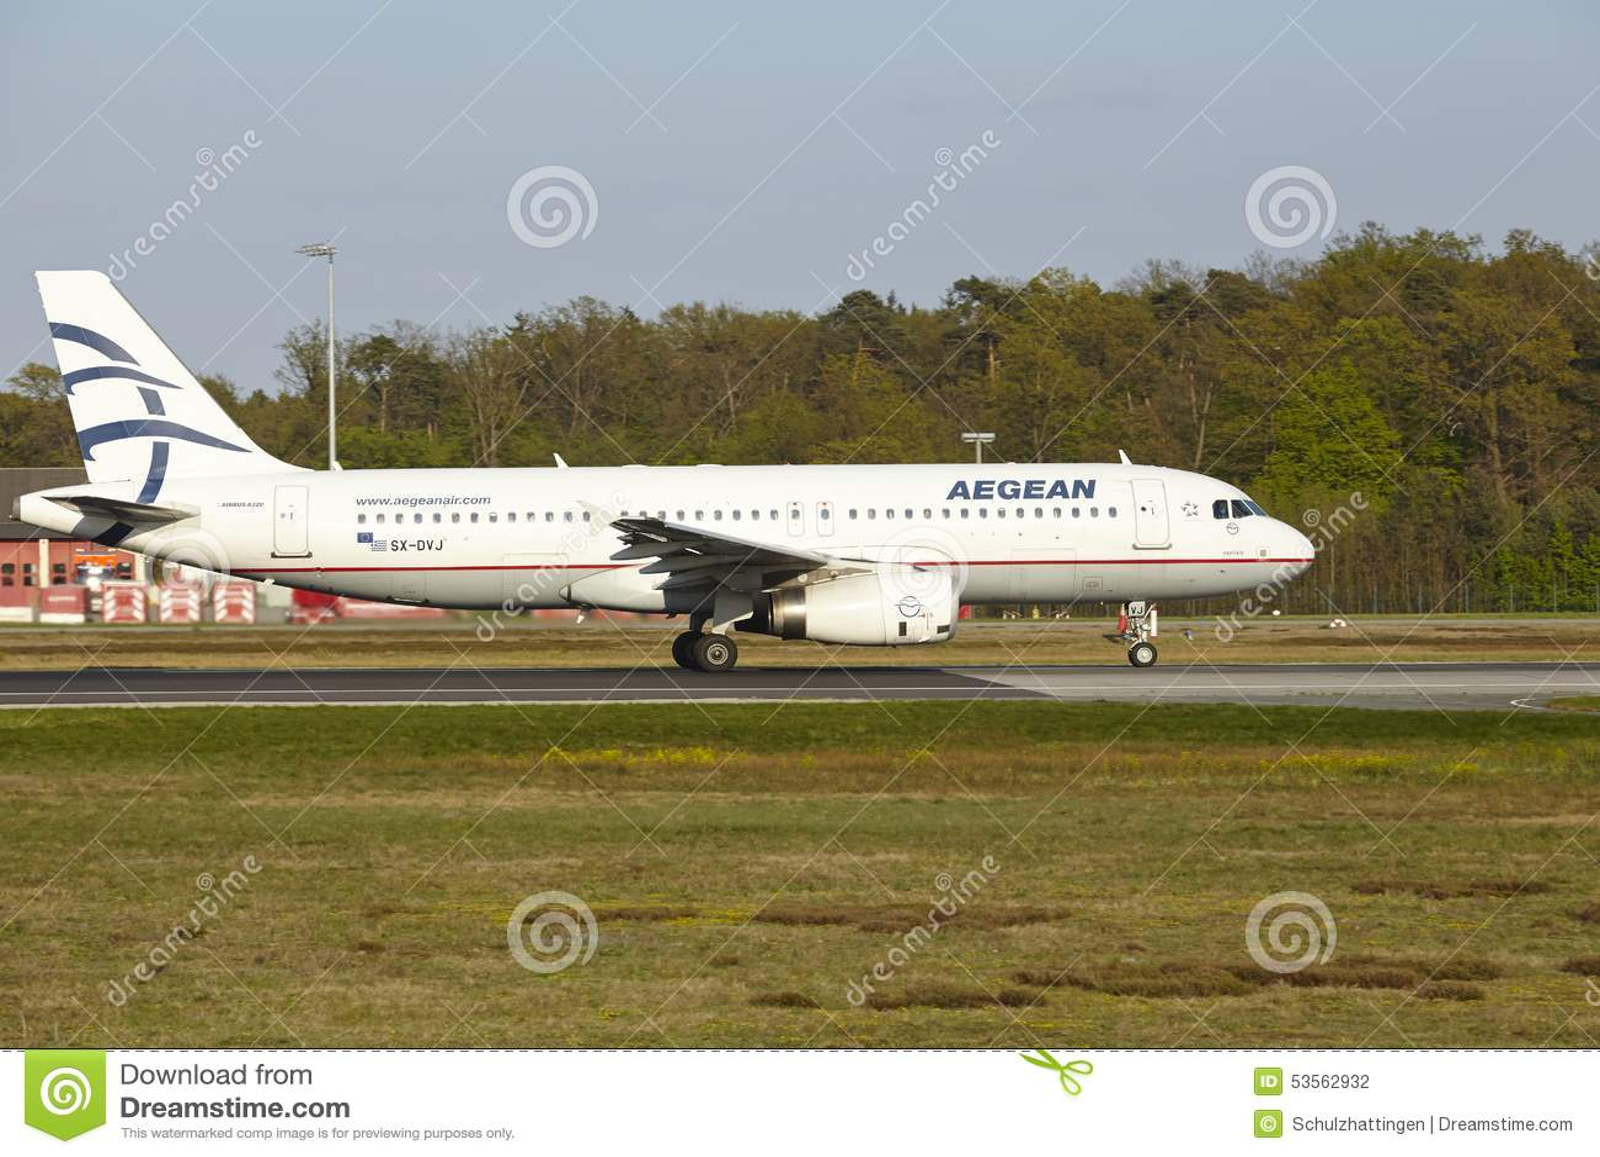 Aeroporto di Francoforte - Airbus A320 di Aegean Airlines decolla